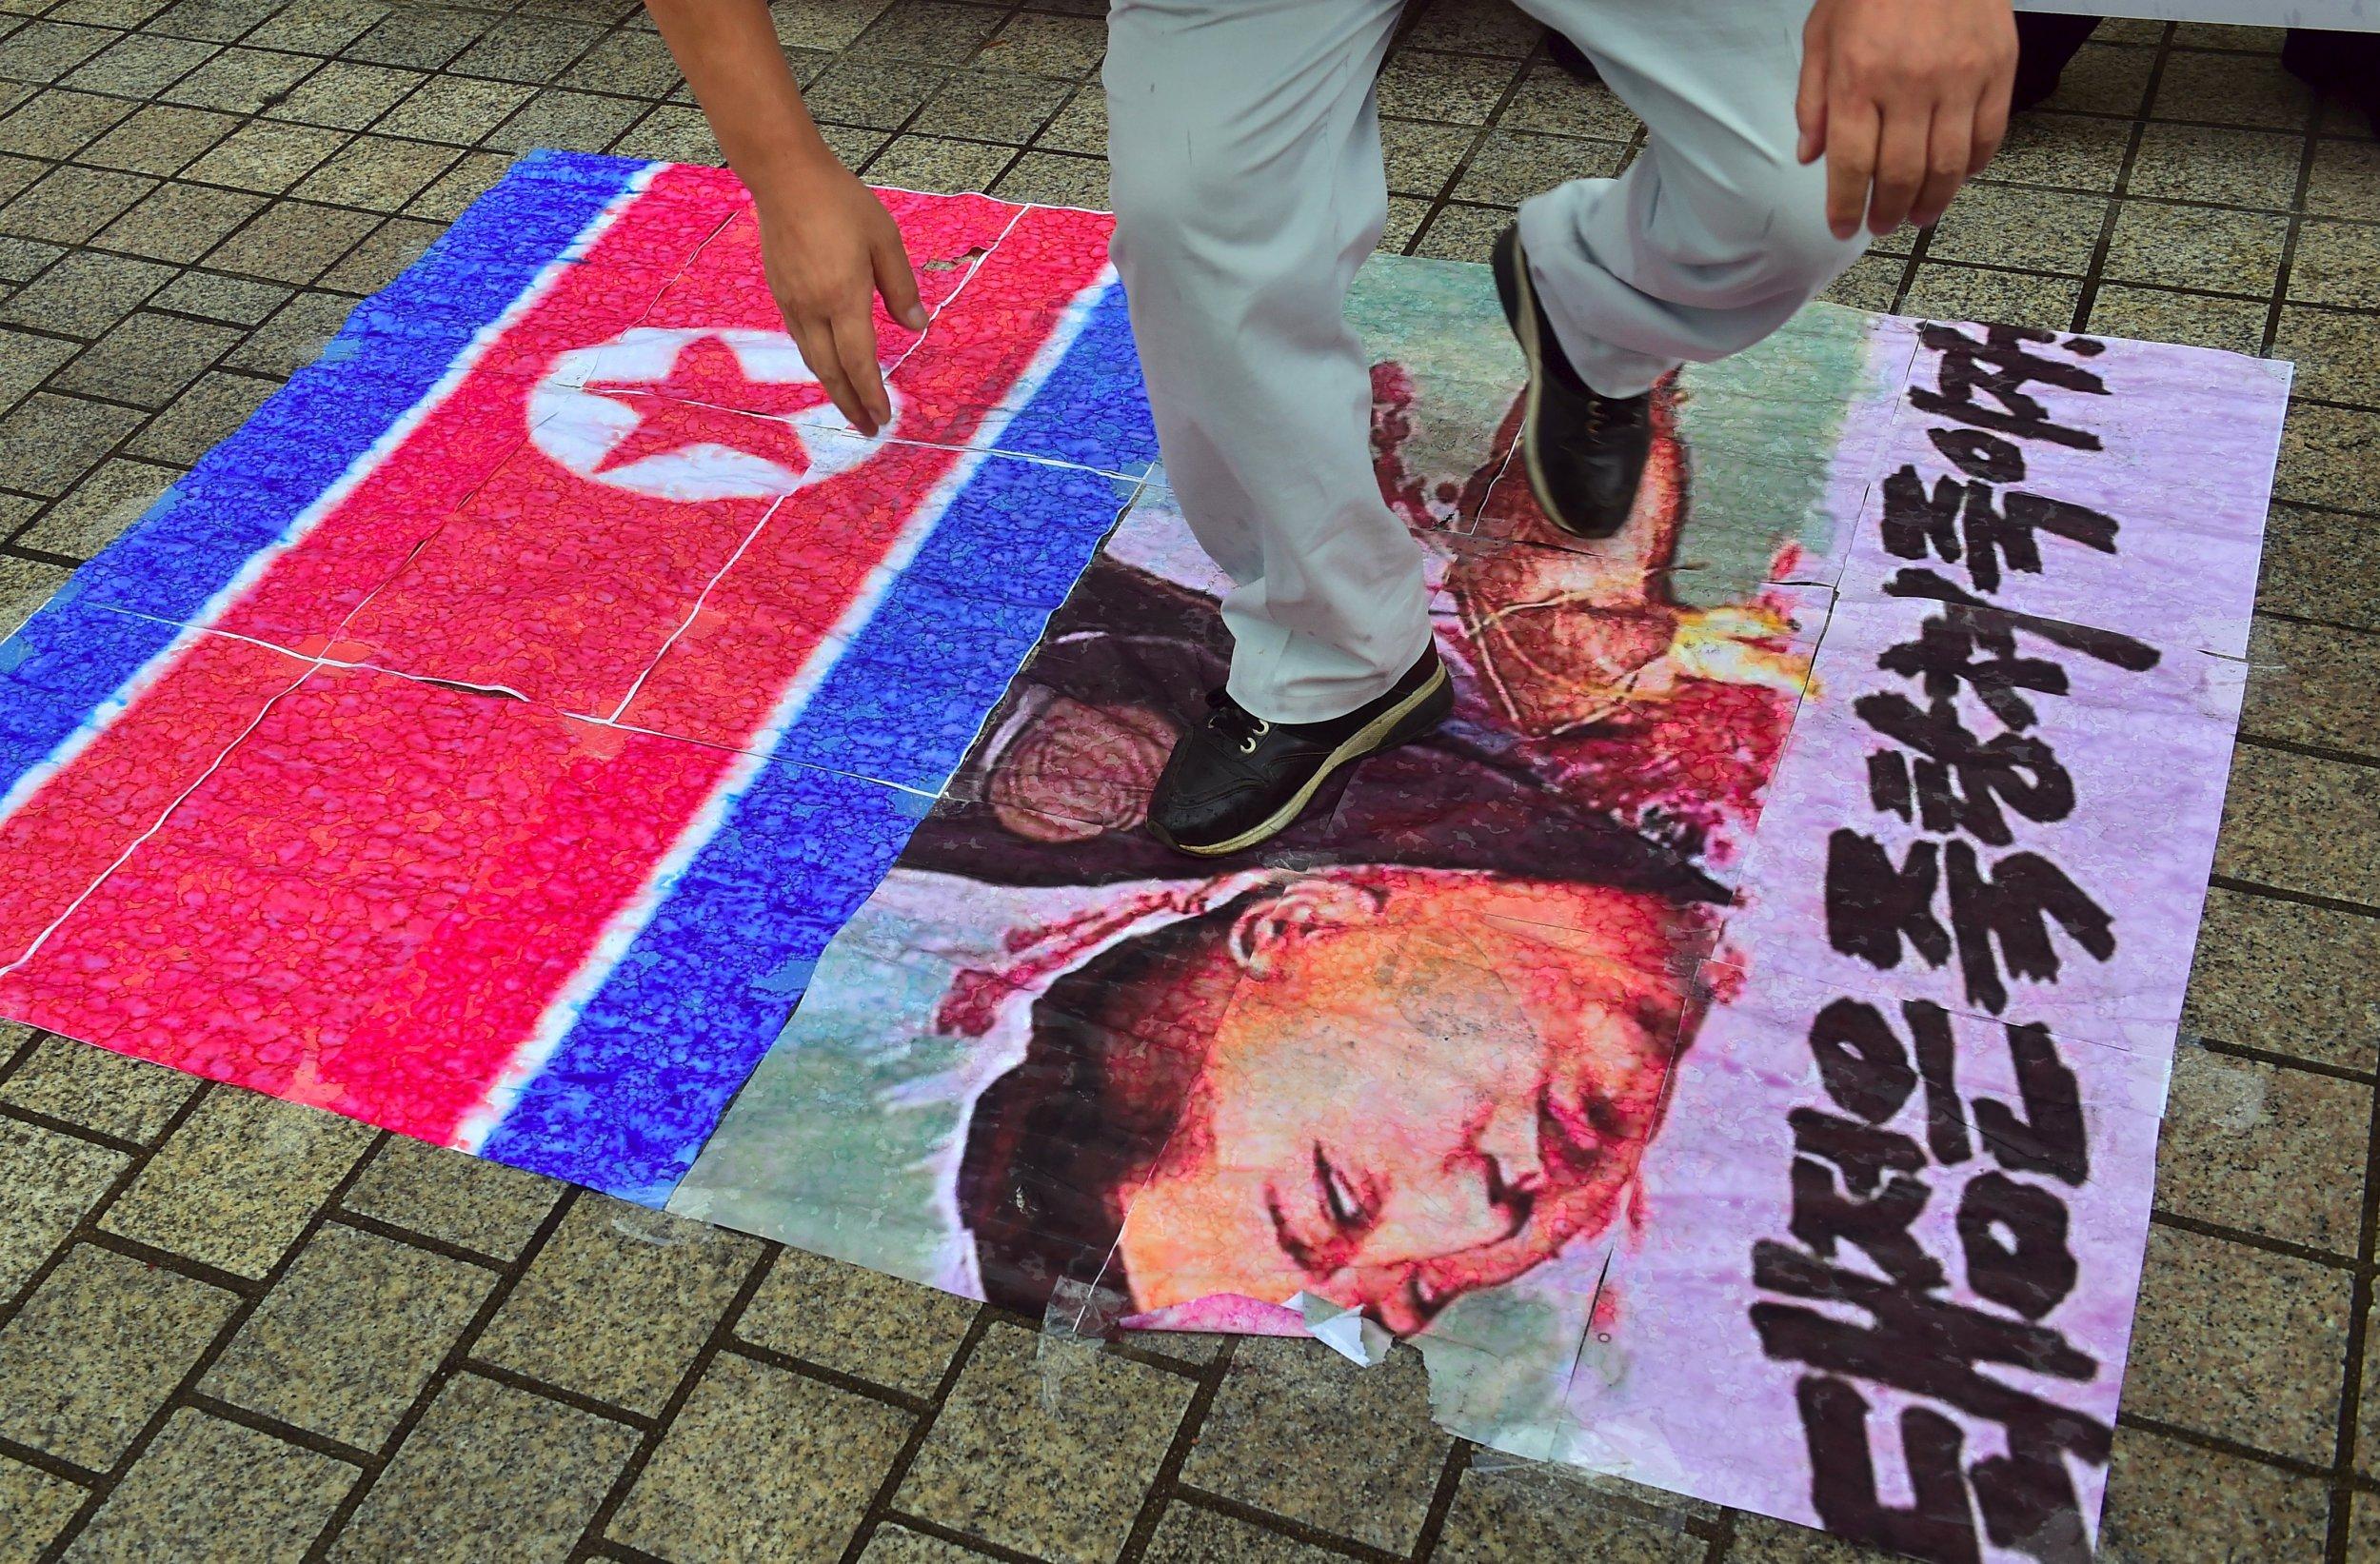 Kim Jong un picture